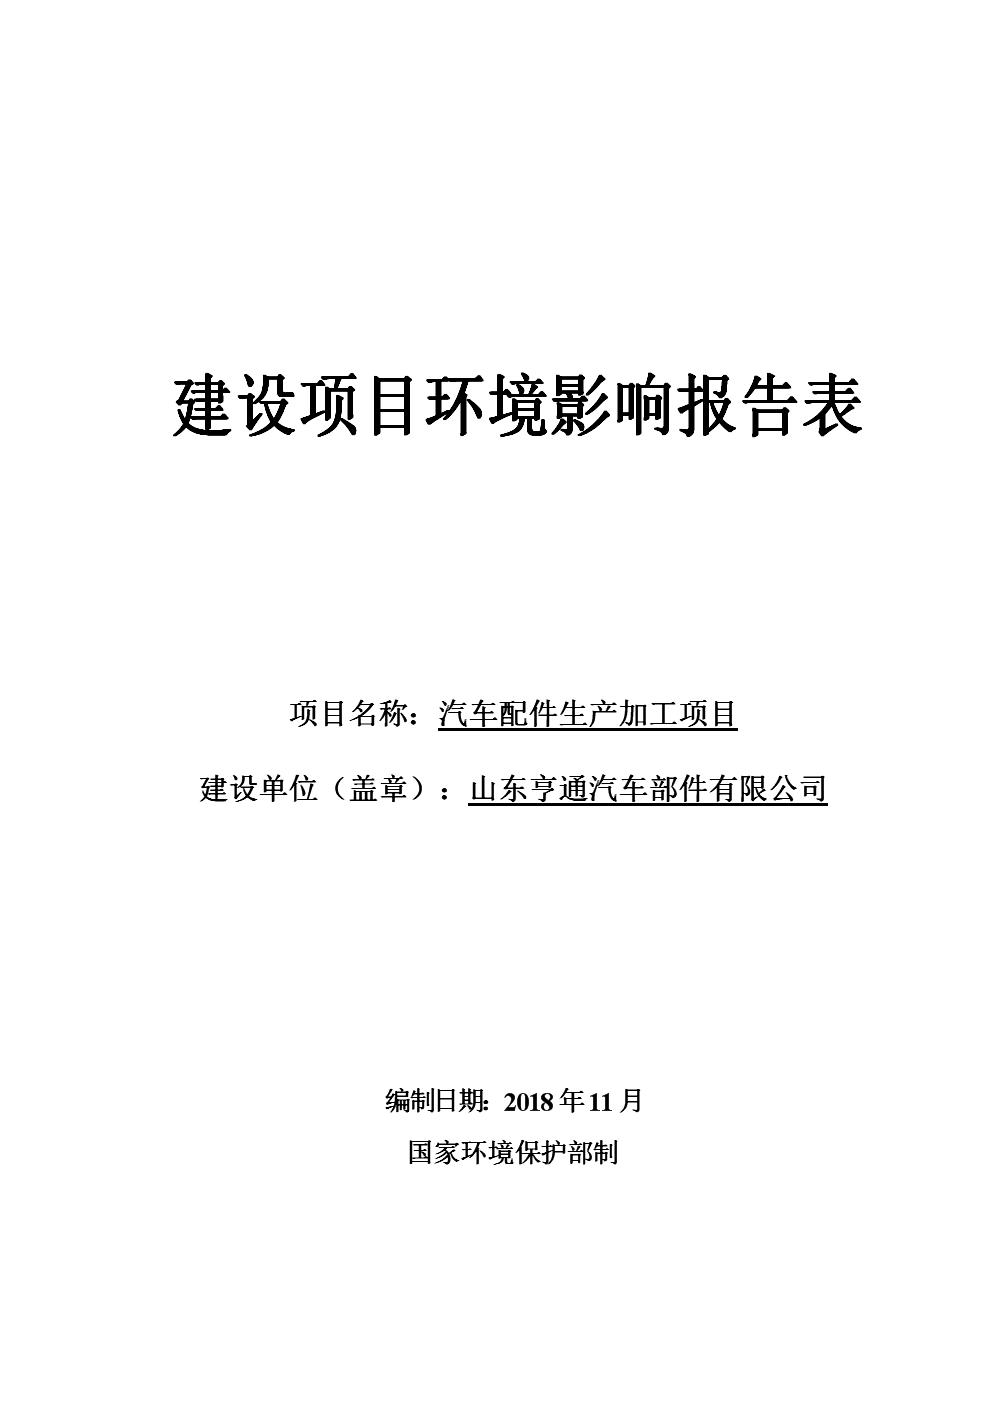 山东亨通汽车部件有限公司汽车配件生产加工项目环境影响报告表.doc